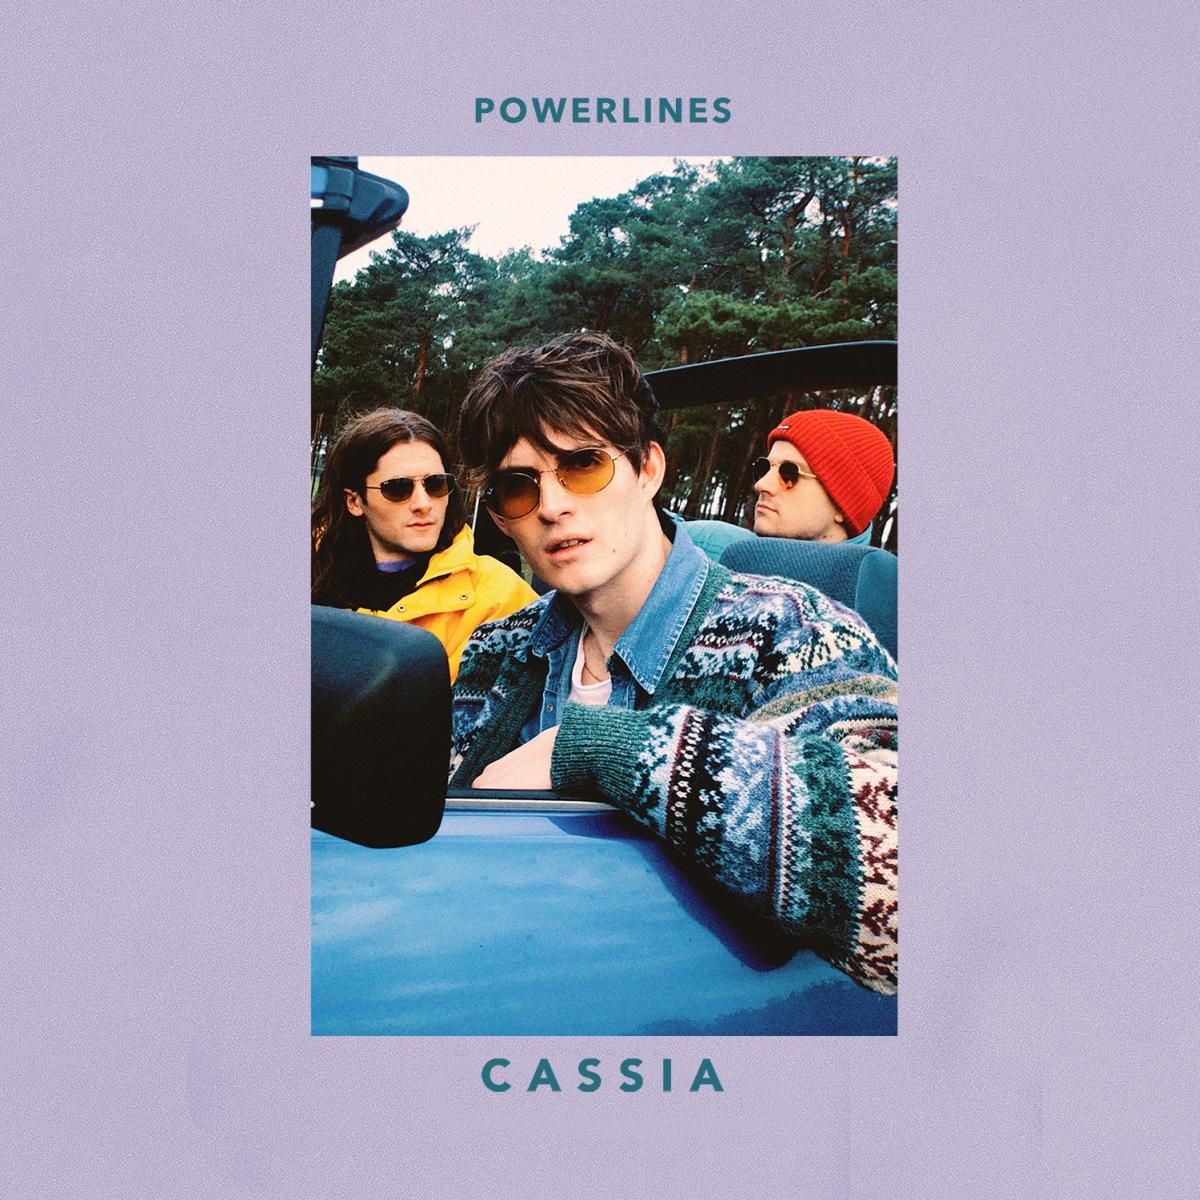 Cassia - Powerlines EP